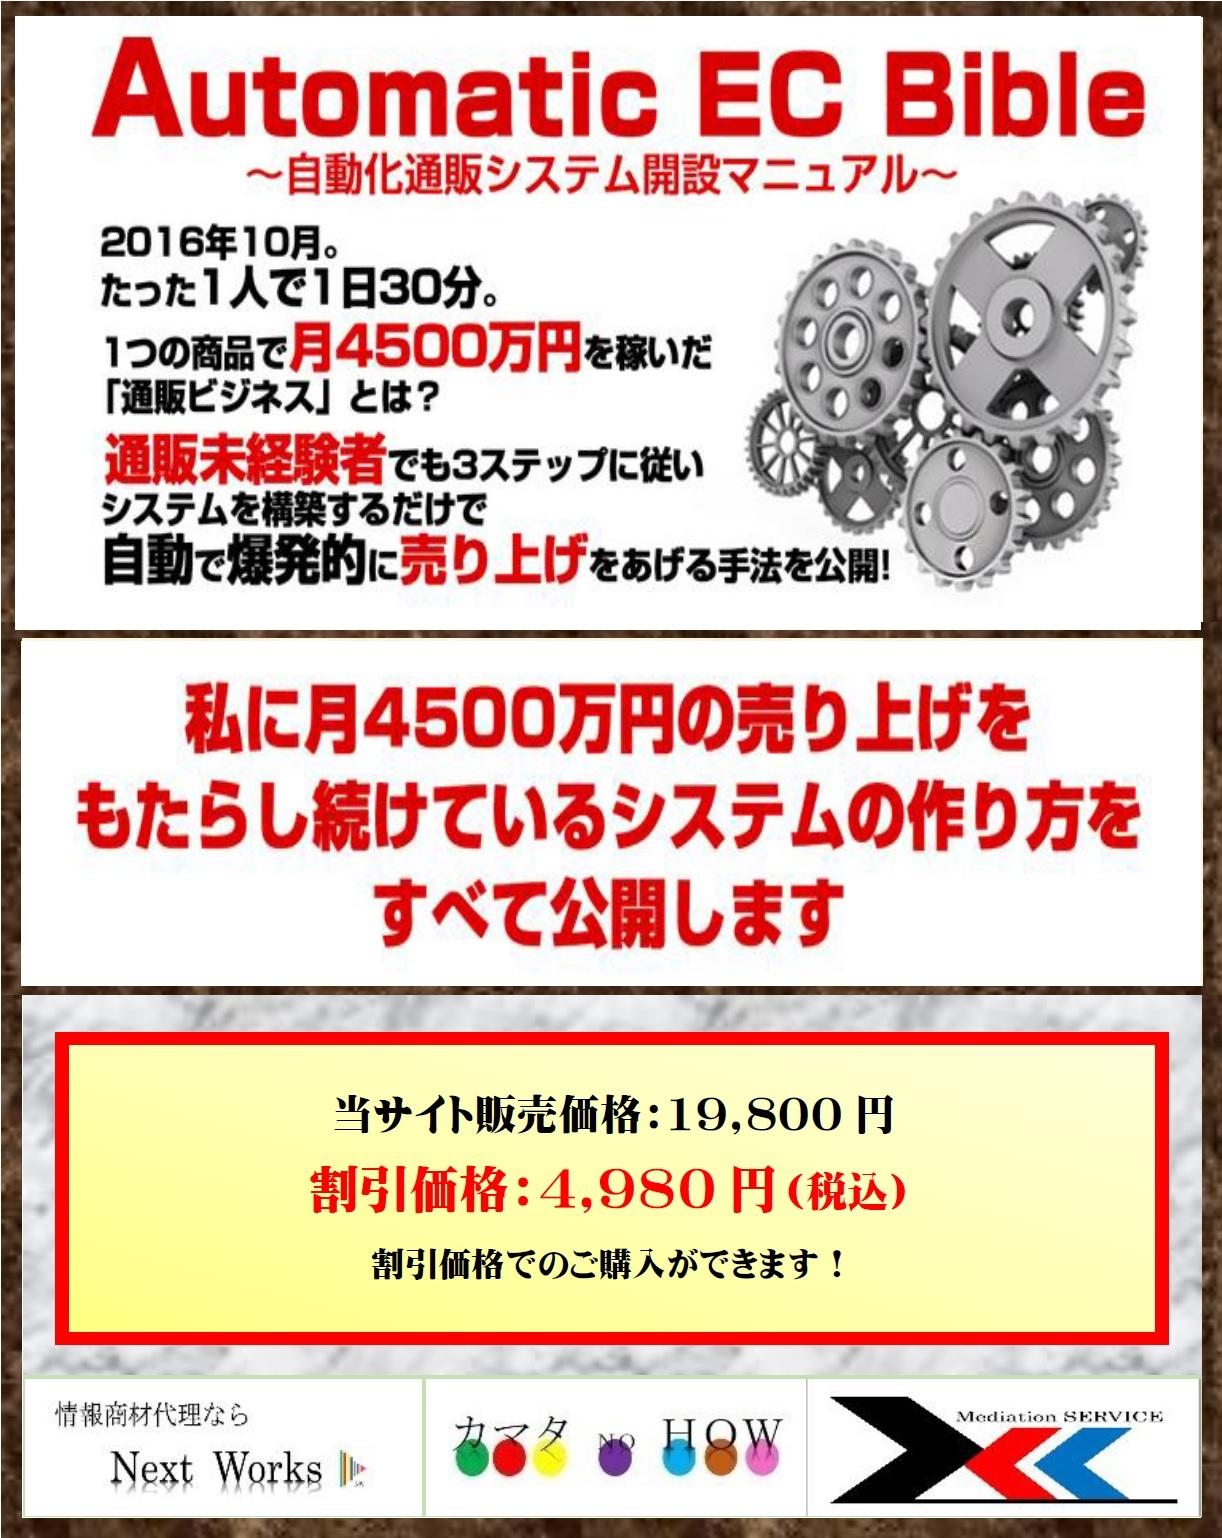 【完売致しました!ありがとうございました!】 Automatic EC Bible~1商品で月4500万円売り上げる通販システム構築法~【※12/22まで!】